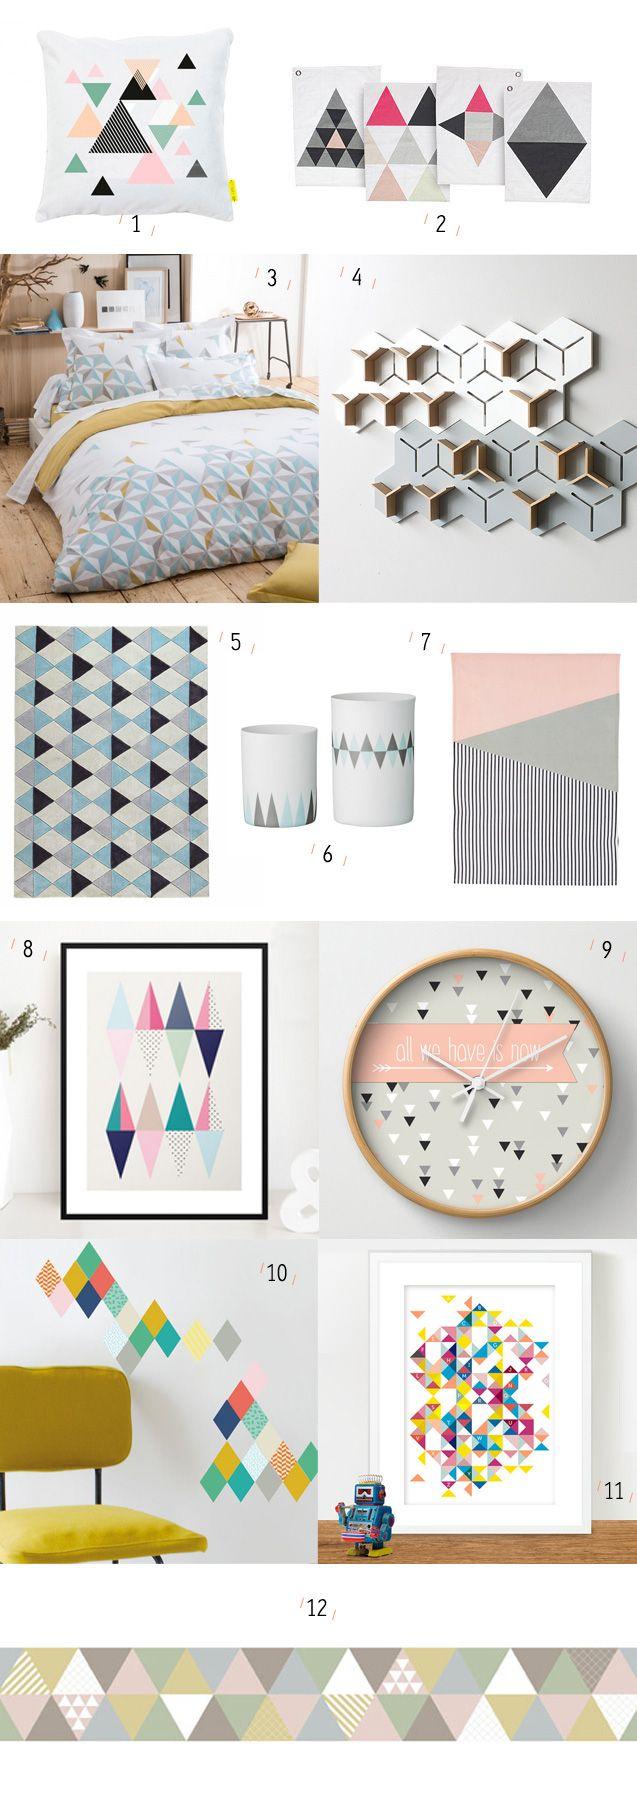 Les 25 meilleures id es de la cat gorie peinture for Mur geometrique